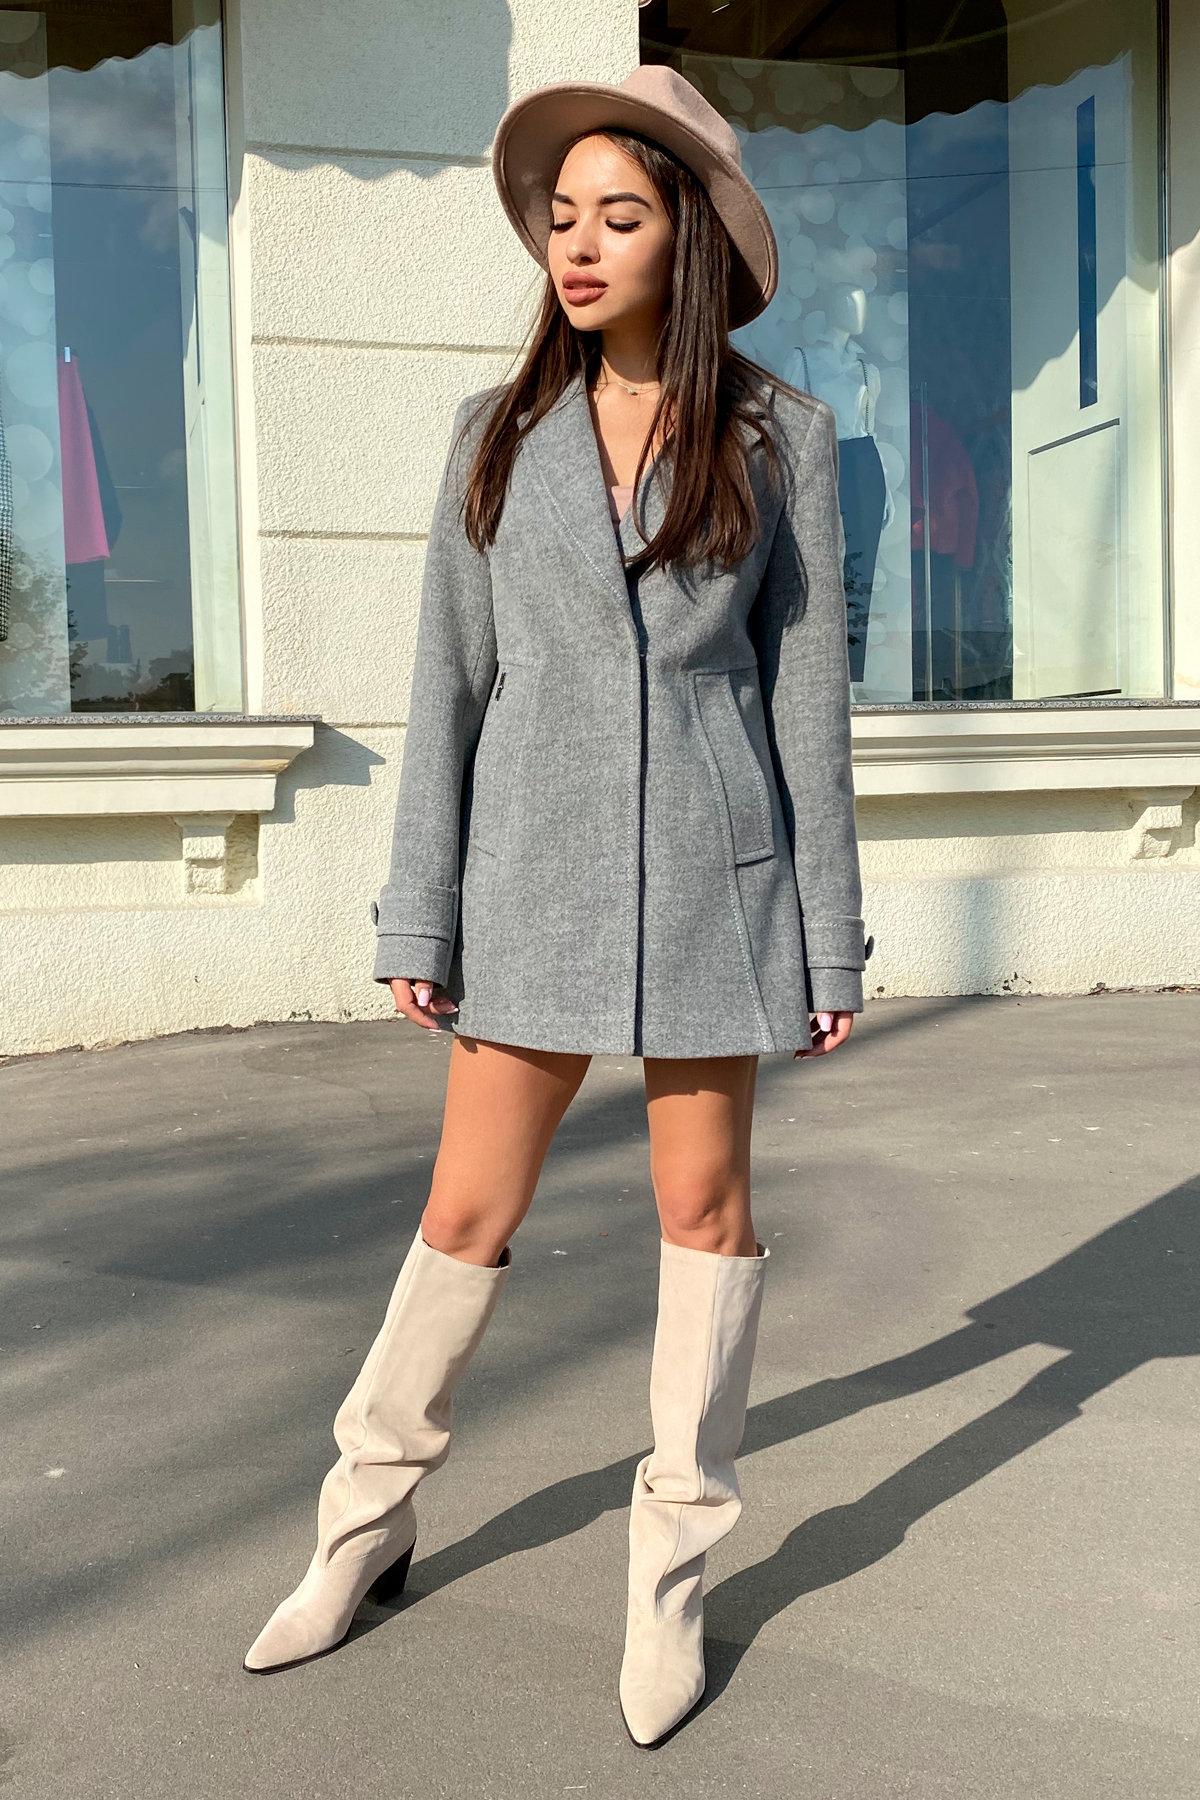 Пальто Смарта 6395 АРТ. 41427 Цвет: Серый 18 - фото 6, интернет магазин tm-modus.ru